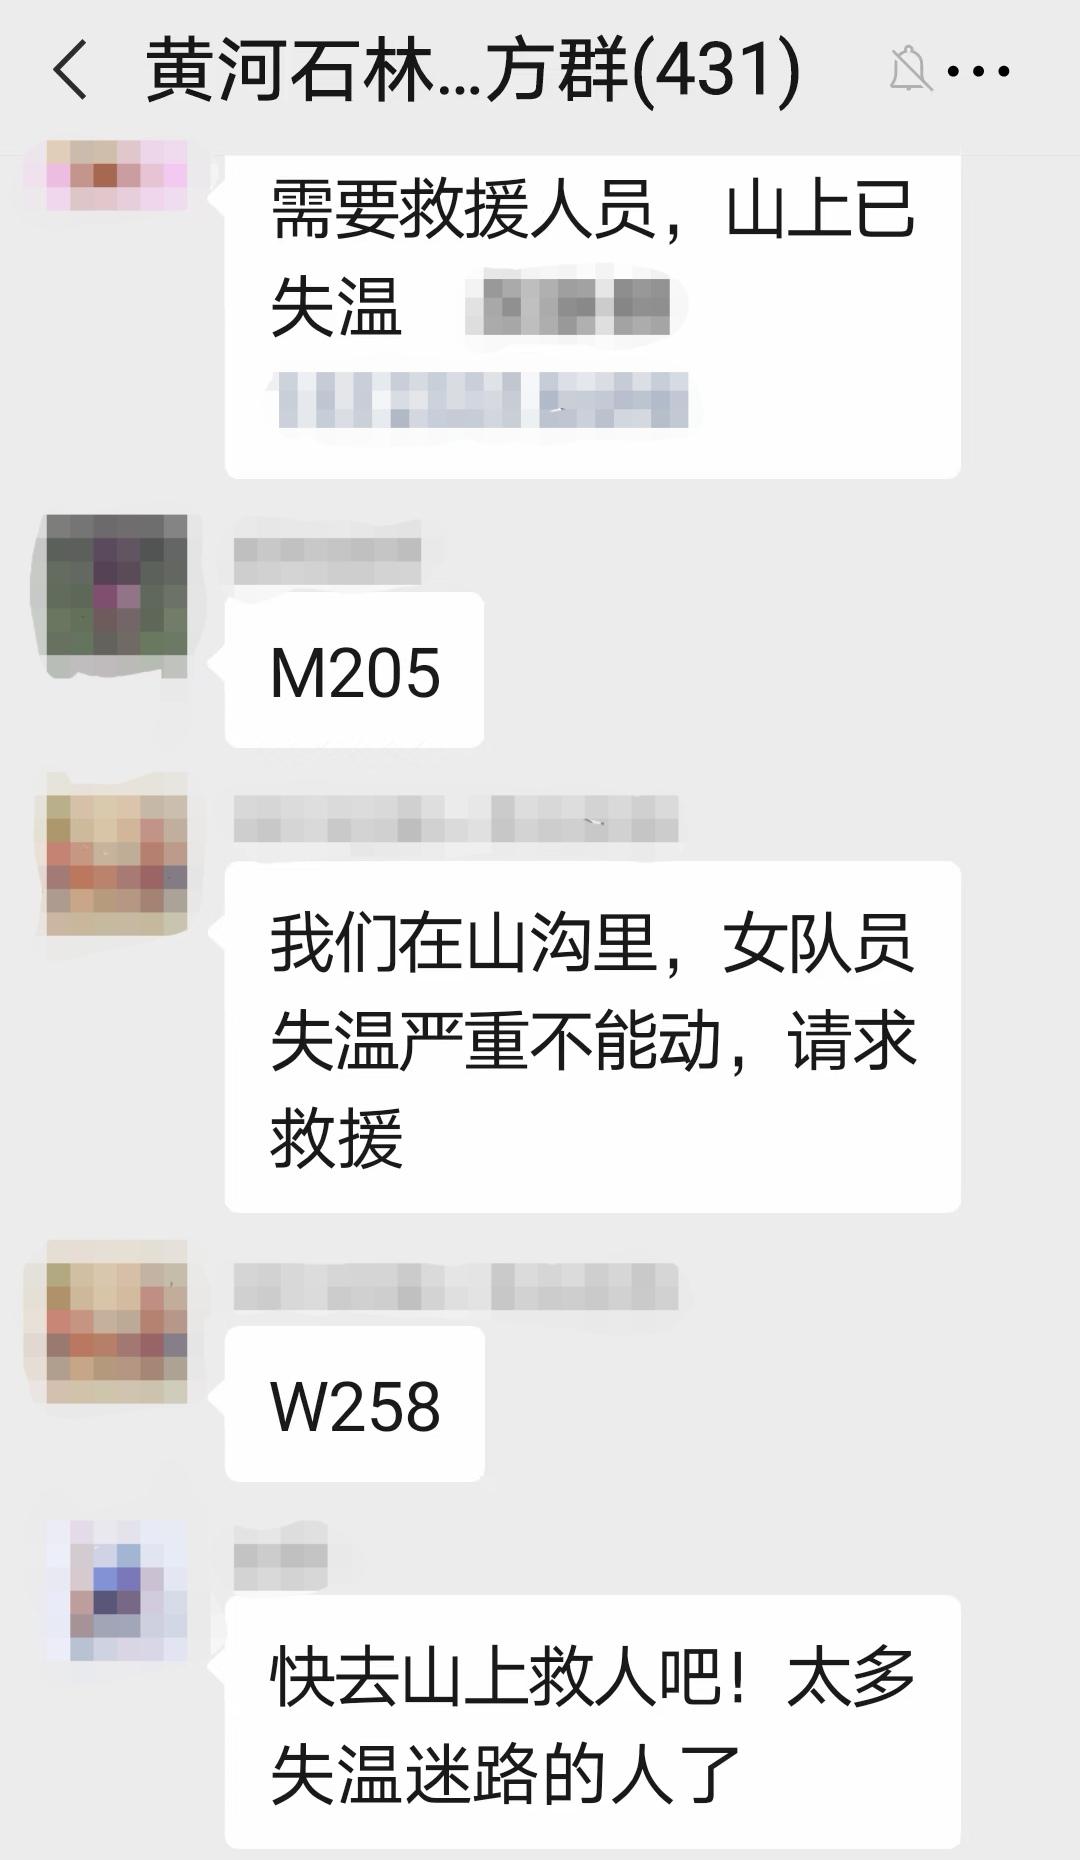 甘肃白银山地马拉松事故 参赛者微信对话截图